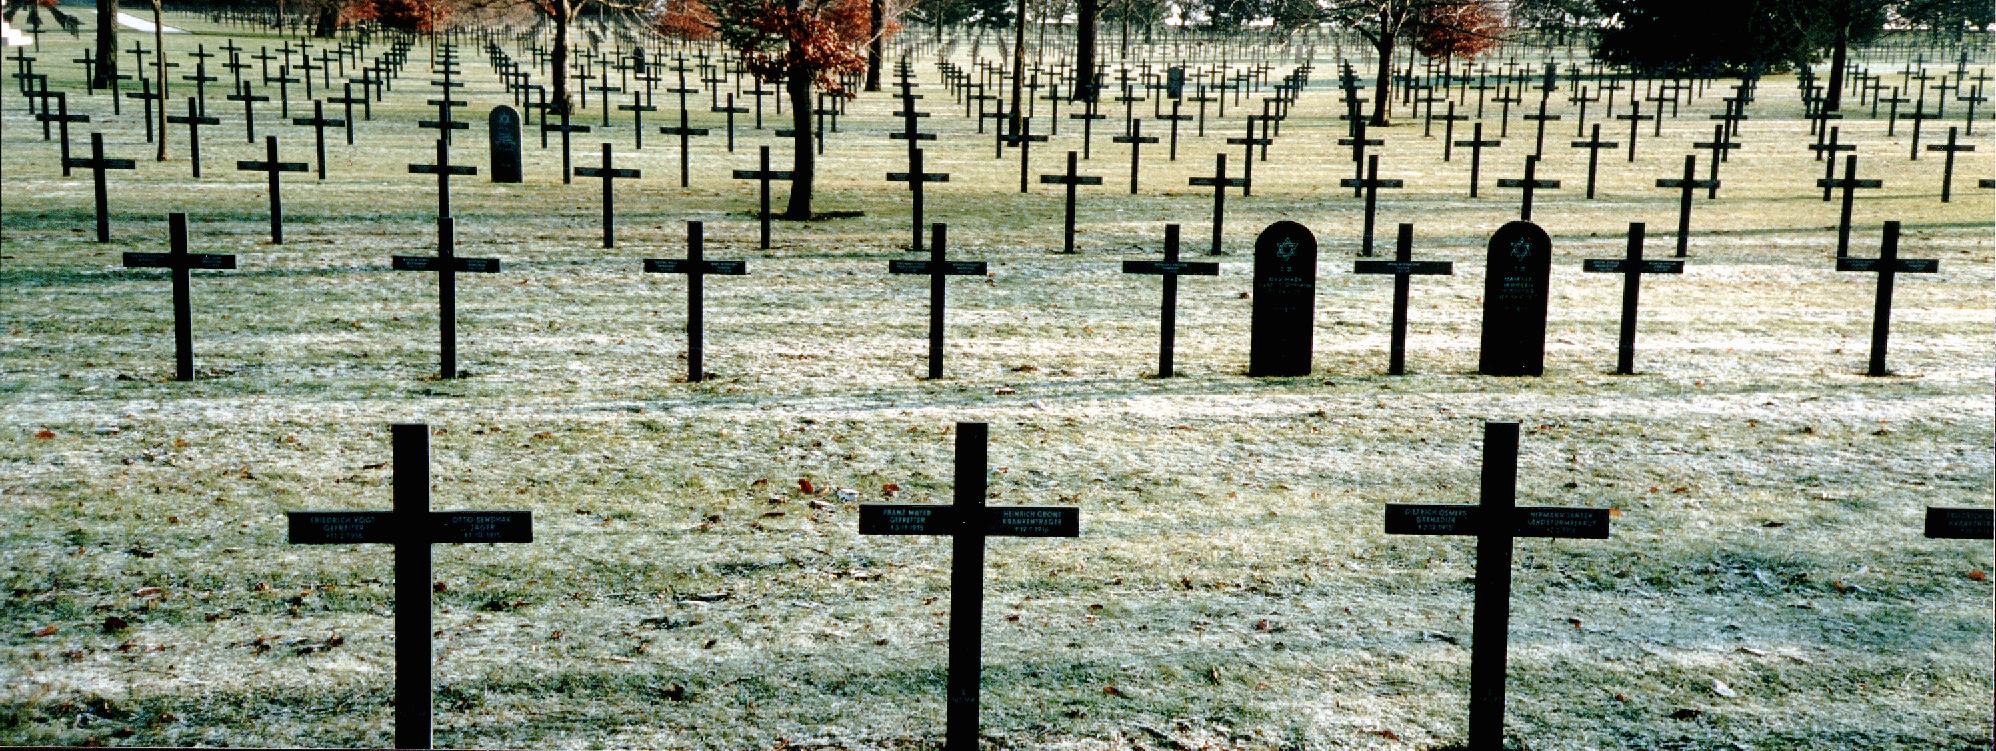 Blogues cimetieres militaires de normandie ma for Carriere de cintheaux